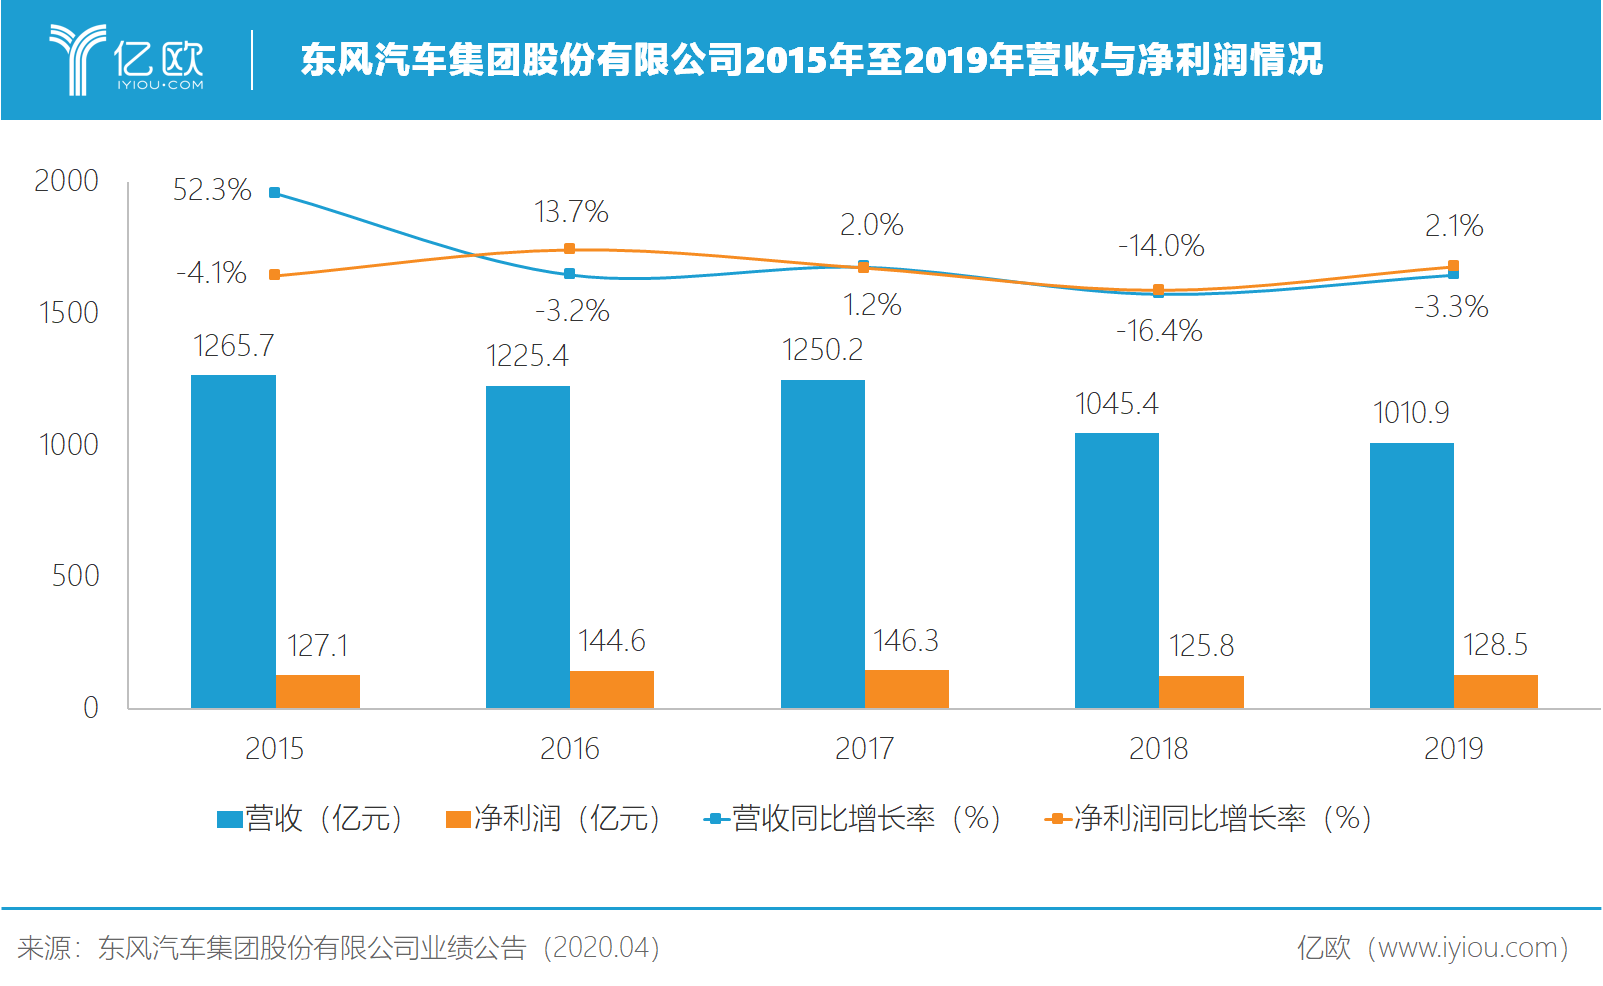 东风汽车集团股份有限公司2015年至2019年营收与净收好情况